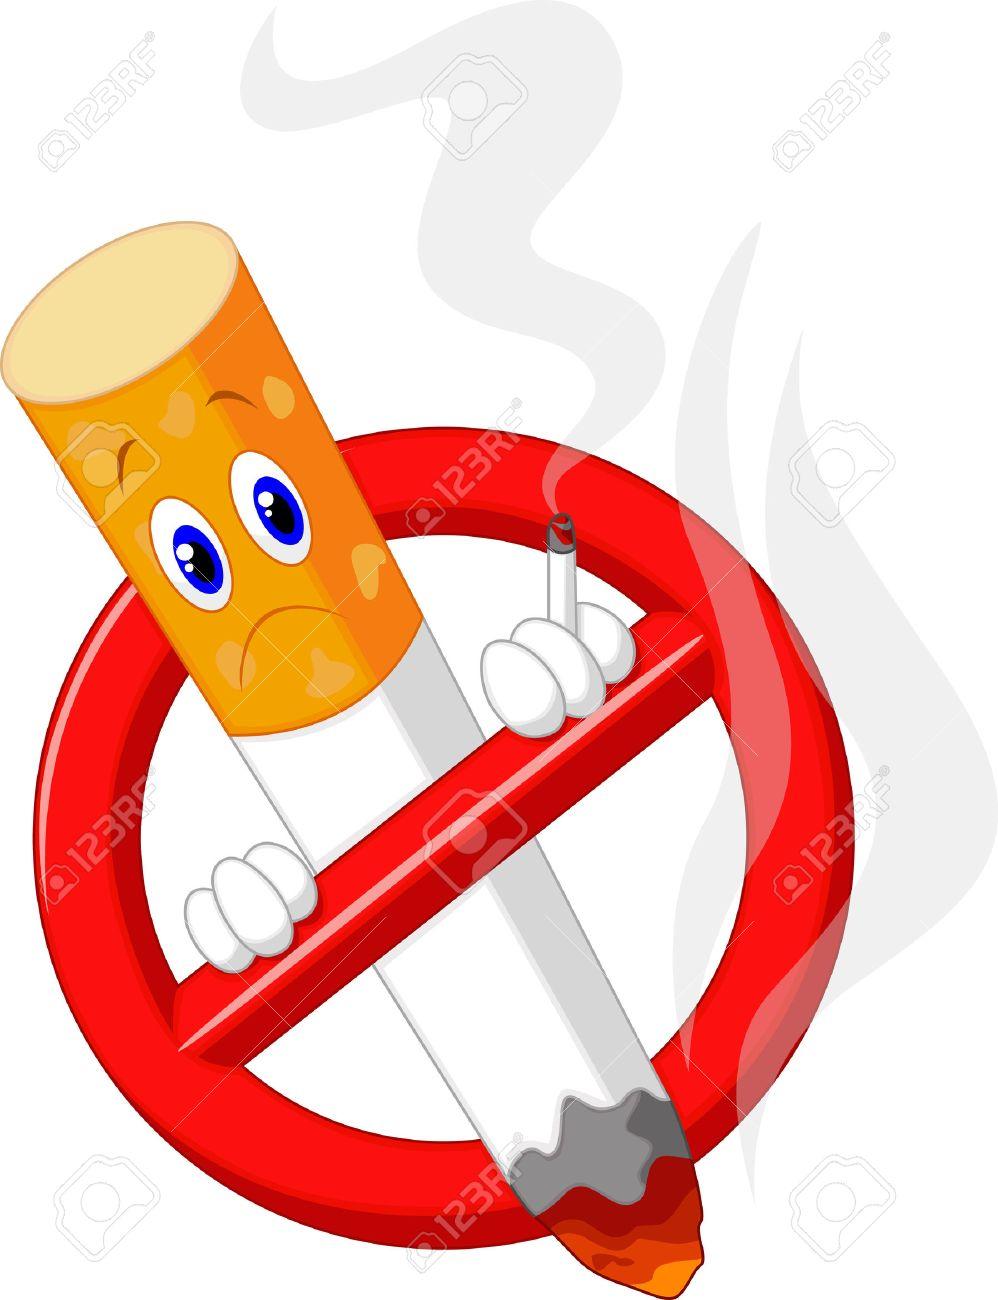 No Smoking Cartoon Symbol Royalty Free Cliparts Vectors And Stock